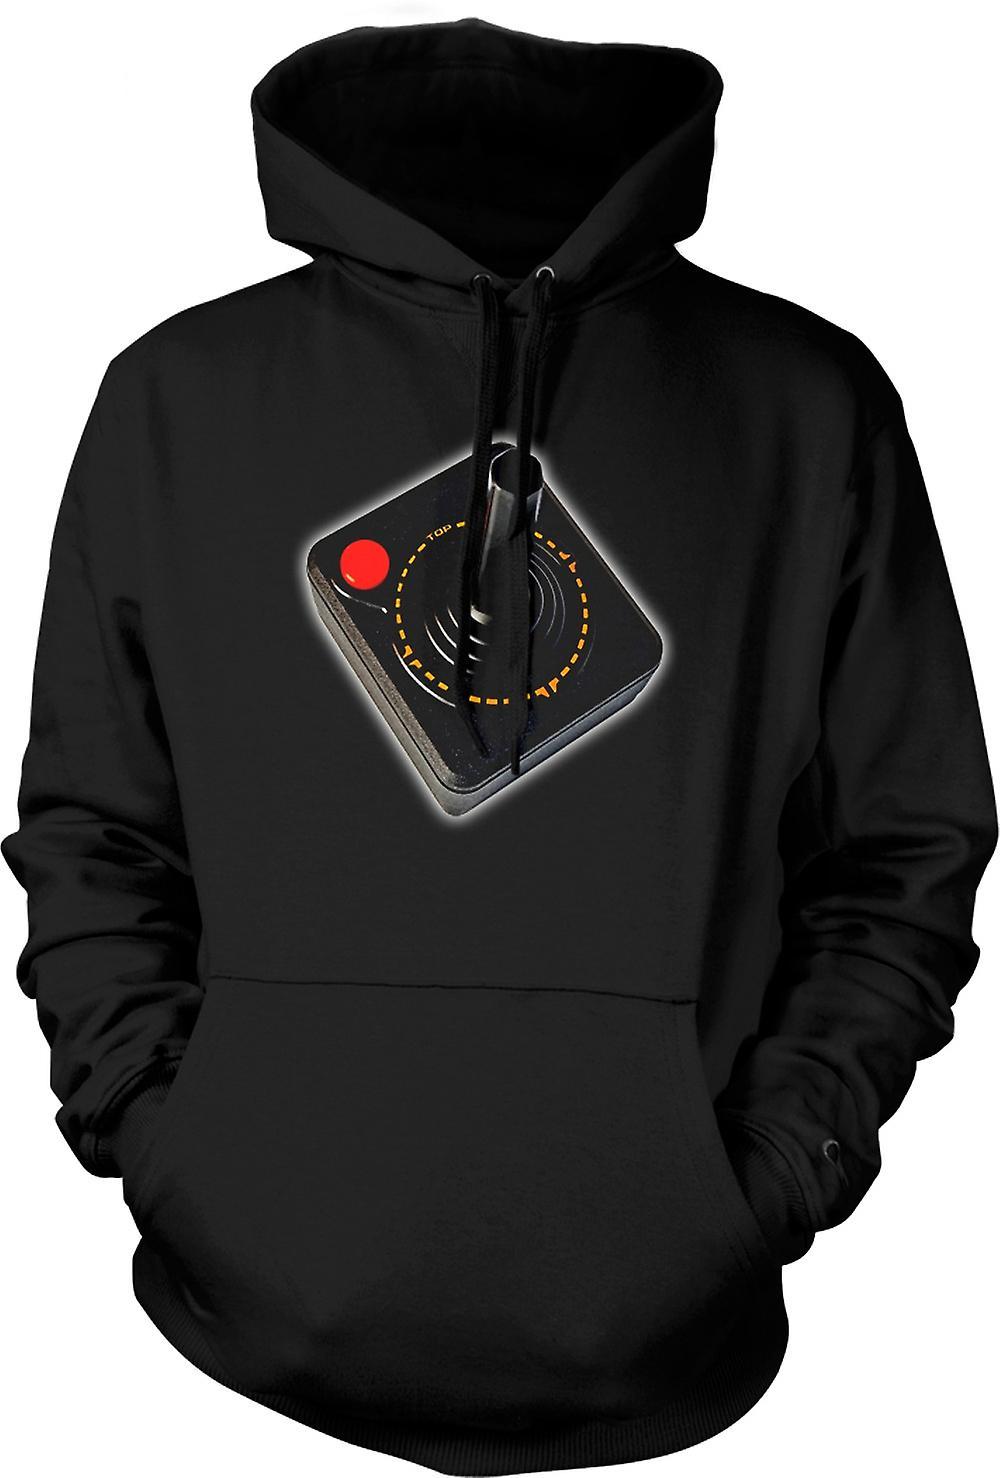 Para hombre con capucha - controlador de juegos de Atari - vieja escuela